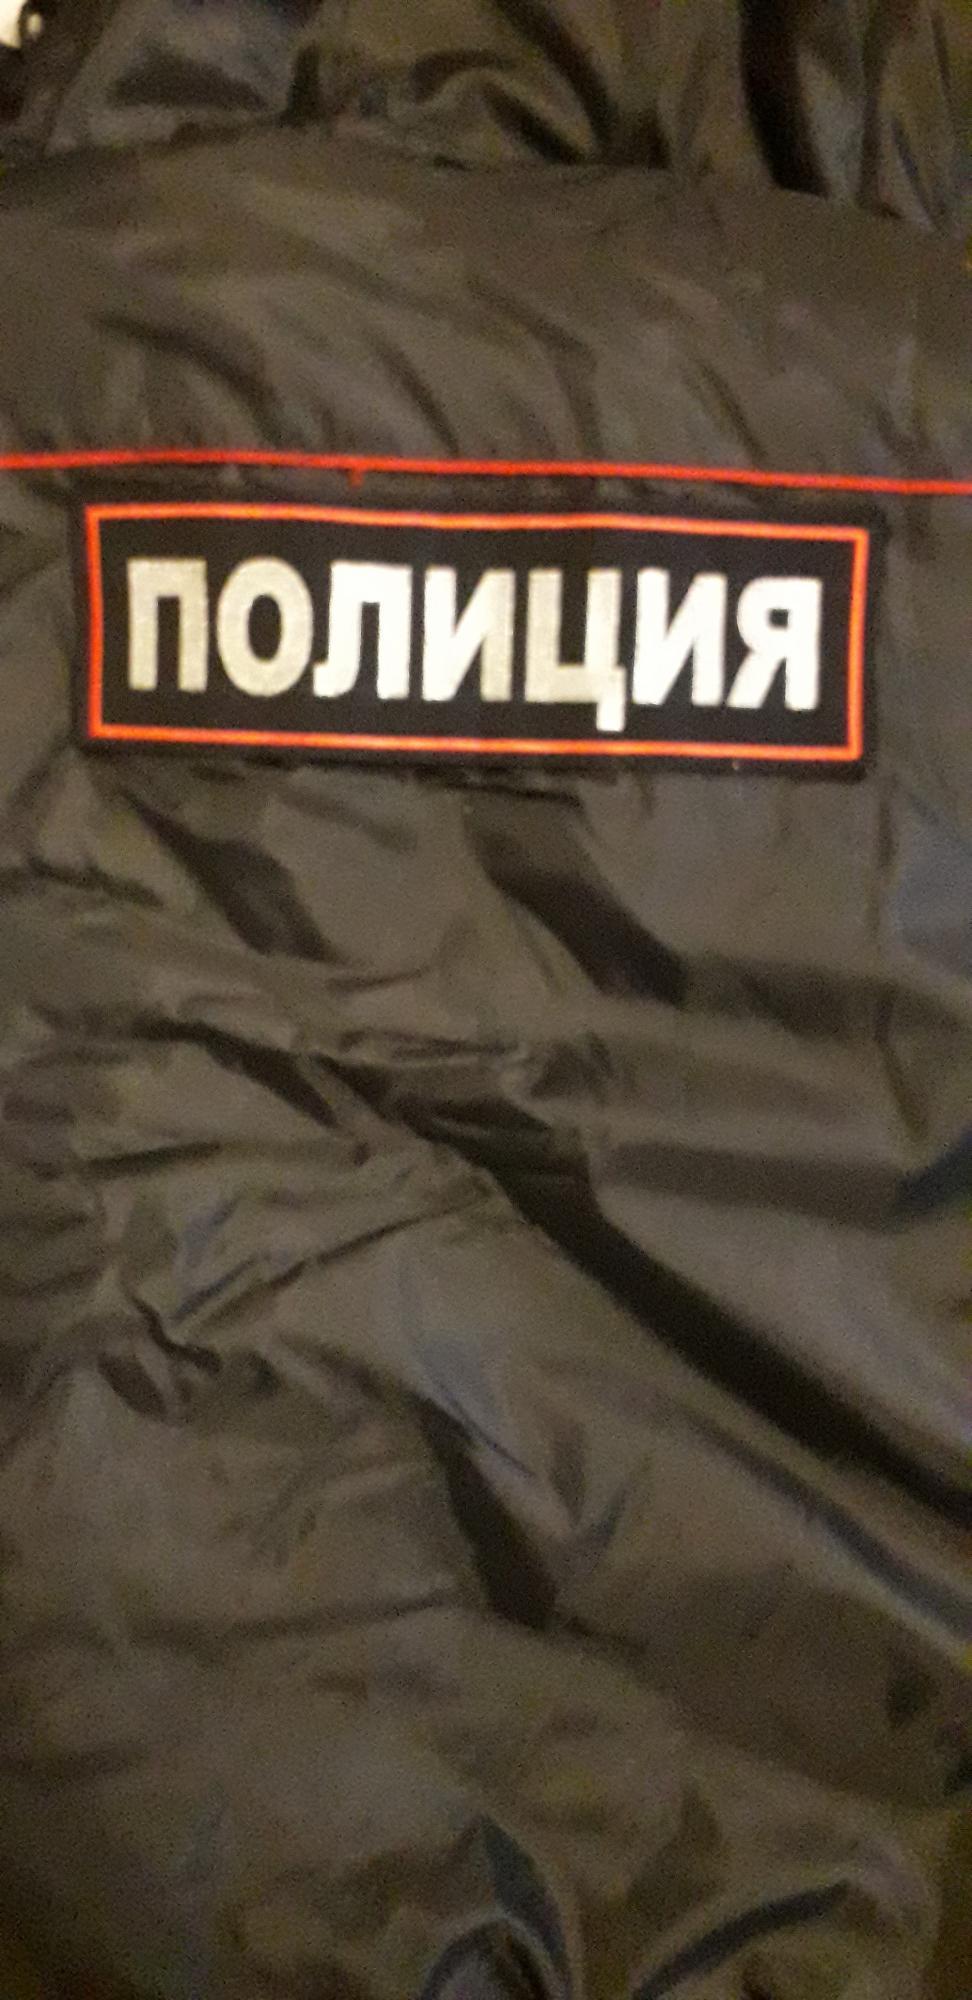 Куртка полицейская в Апрелевке 89258073788 купить 5